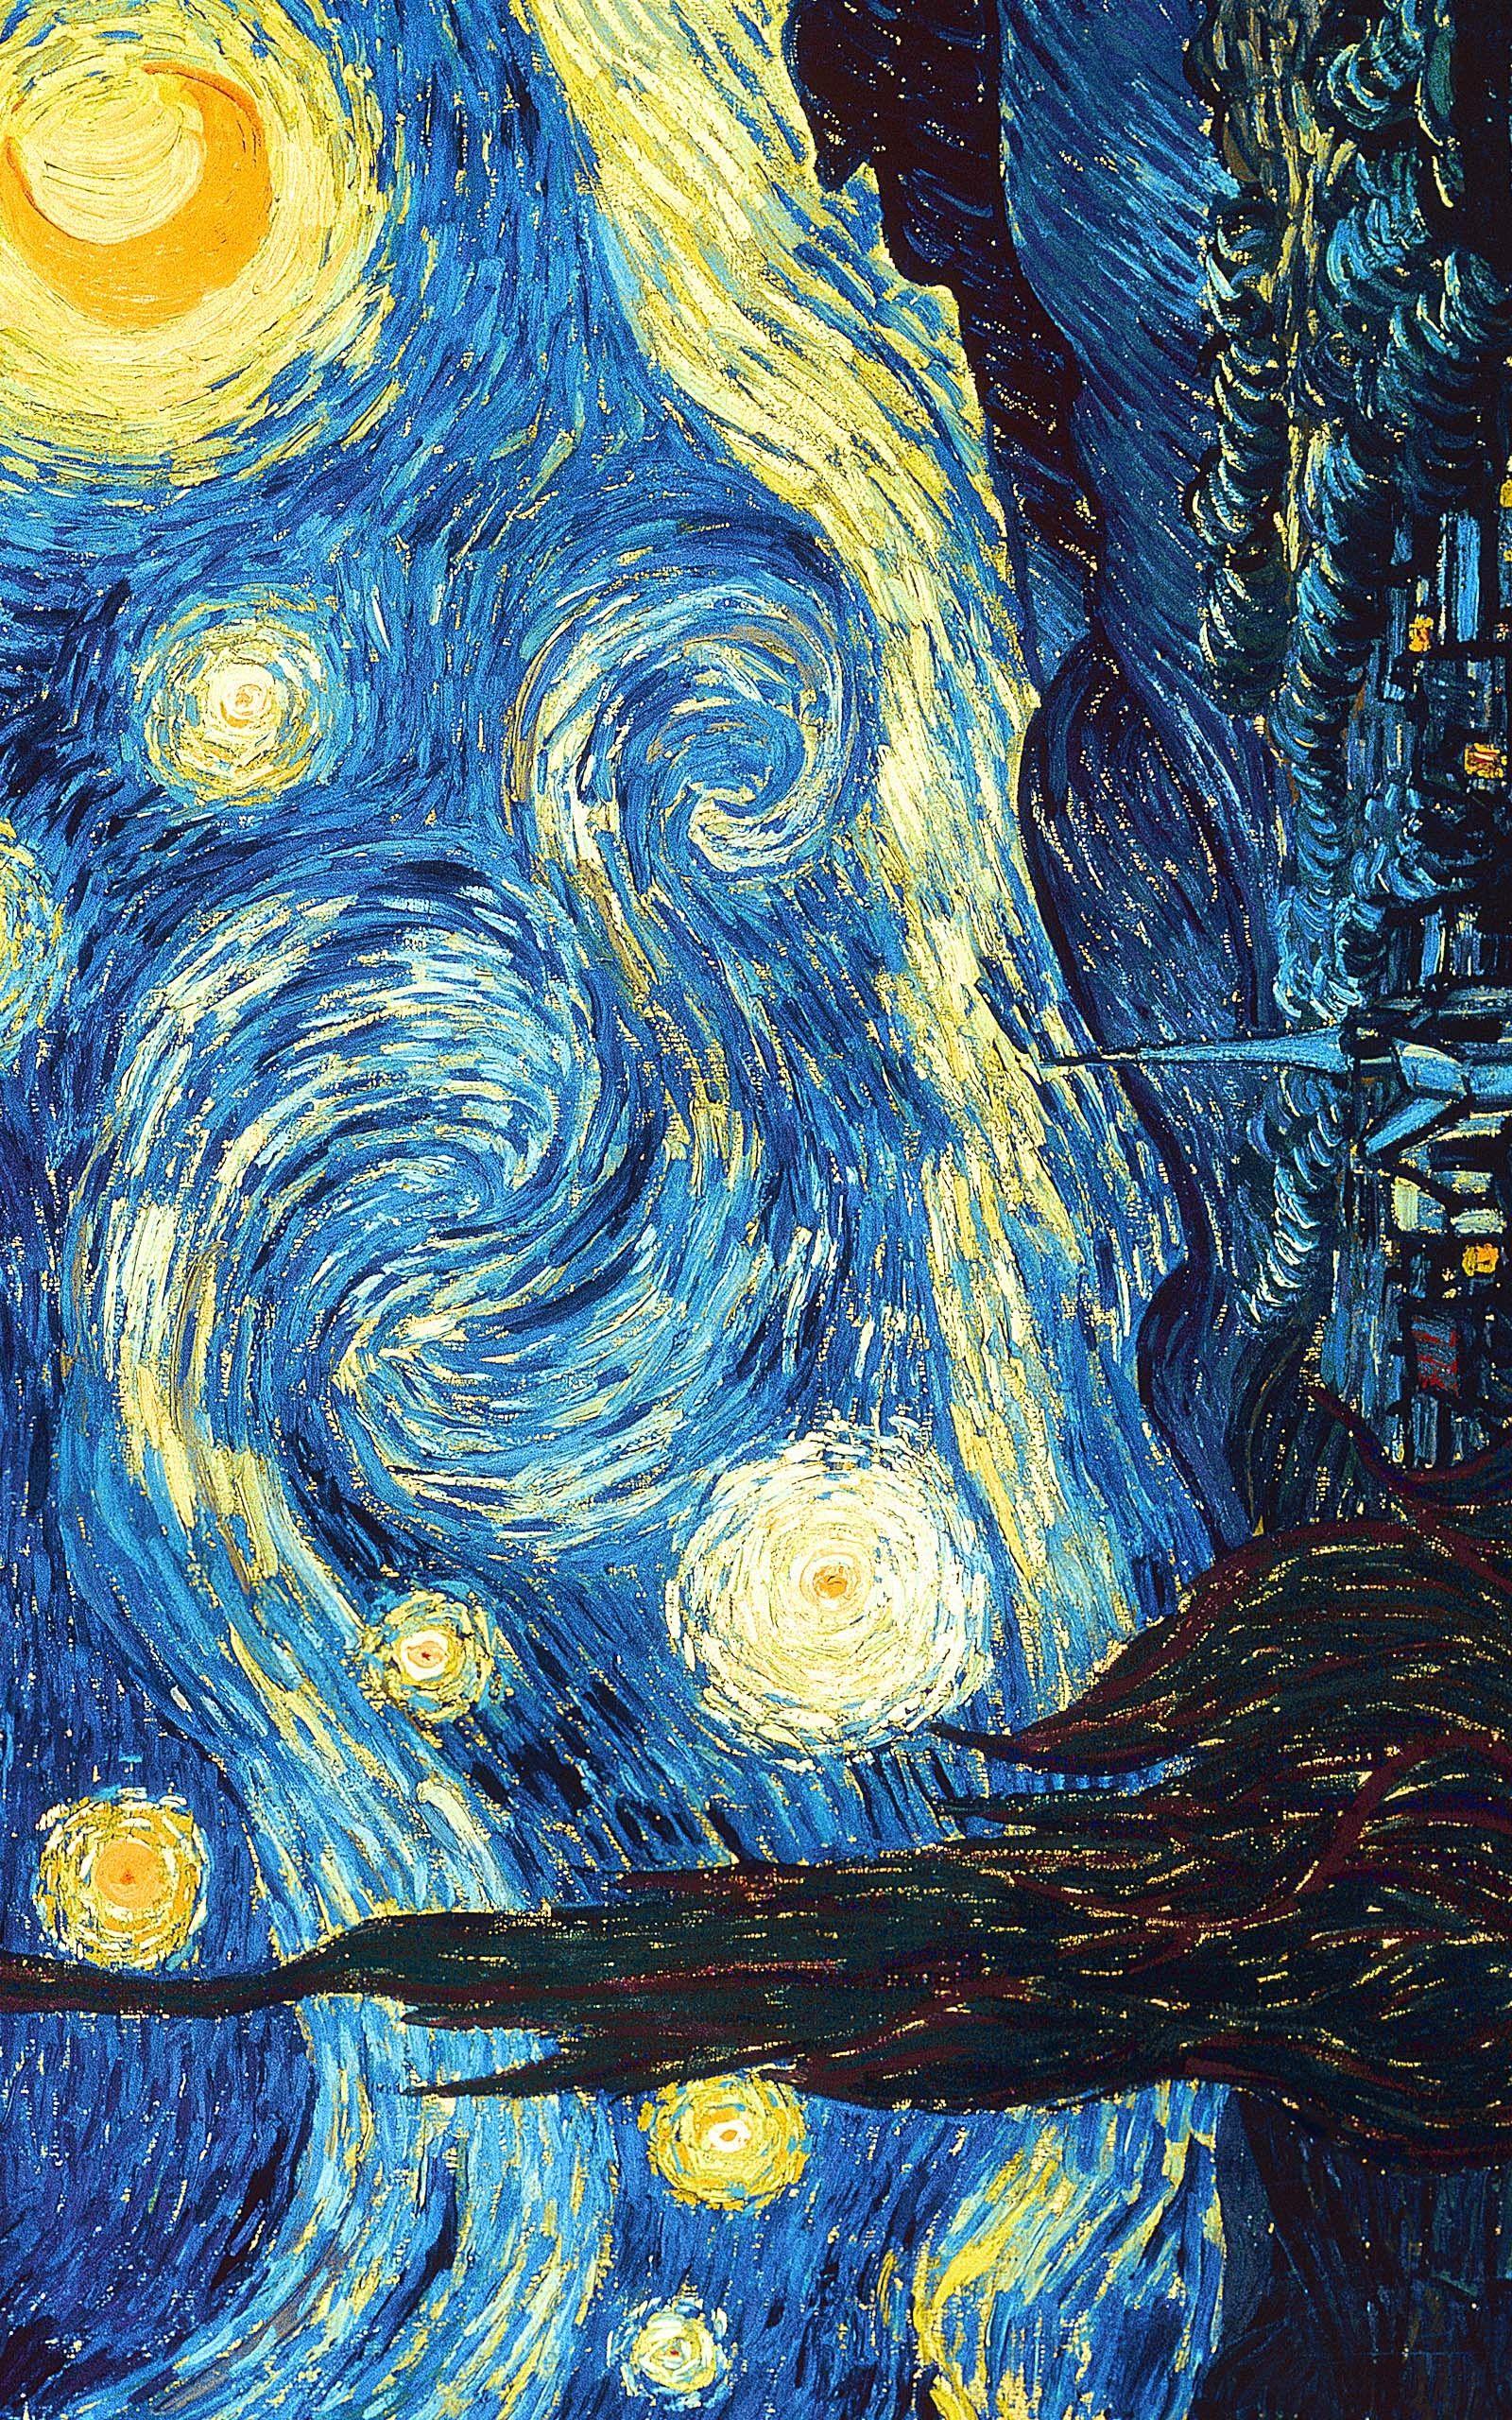 Starry Night By Vincent Van Gogh Fondo De Arte Pinturas Fondo De Pantalla Pintura